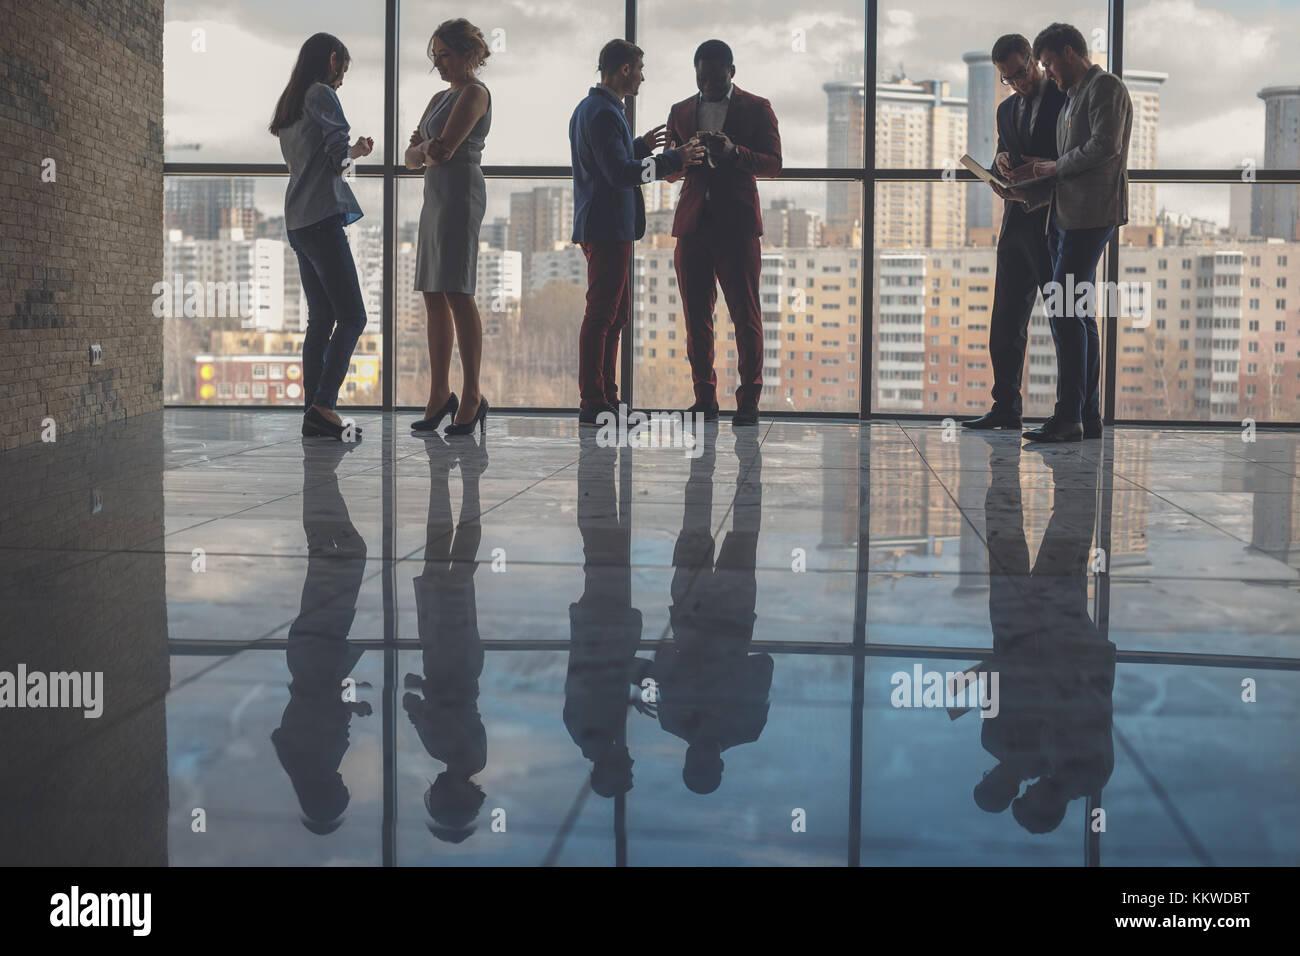 Silhouetten von Geschäftsleuten in Konferenzraum Stockbild